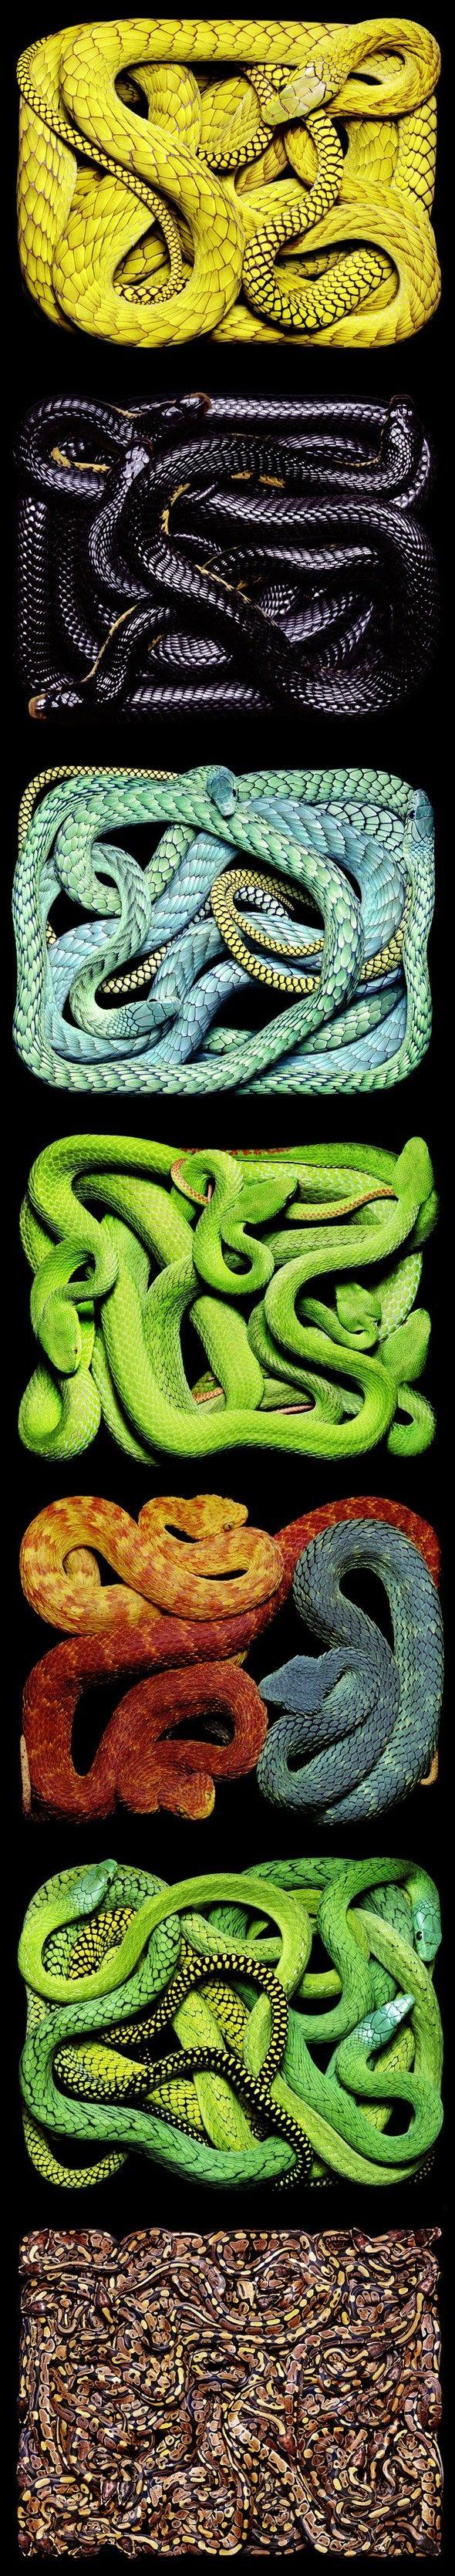 Série de serpents par Guido Mocafico Guido Mocafico est un artiste photographe. Il a réalisé des séries de photographies avec des serpents vivants, créant